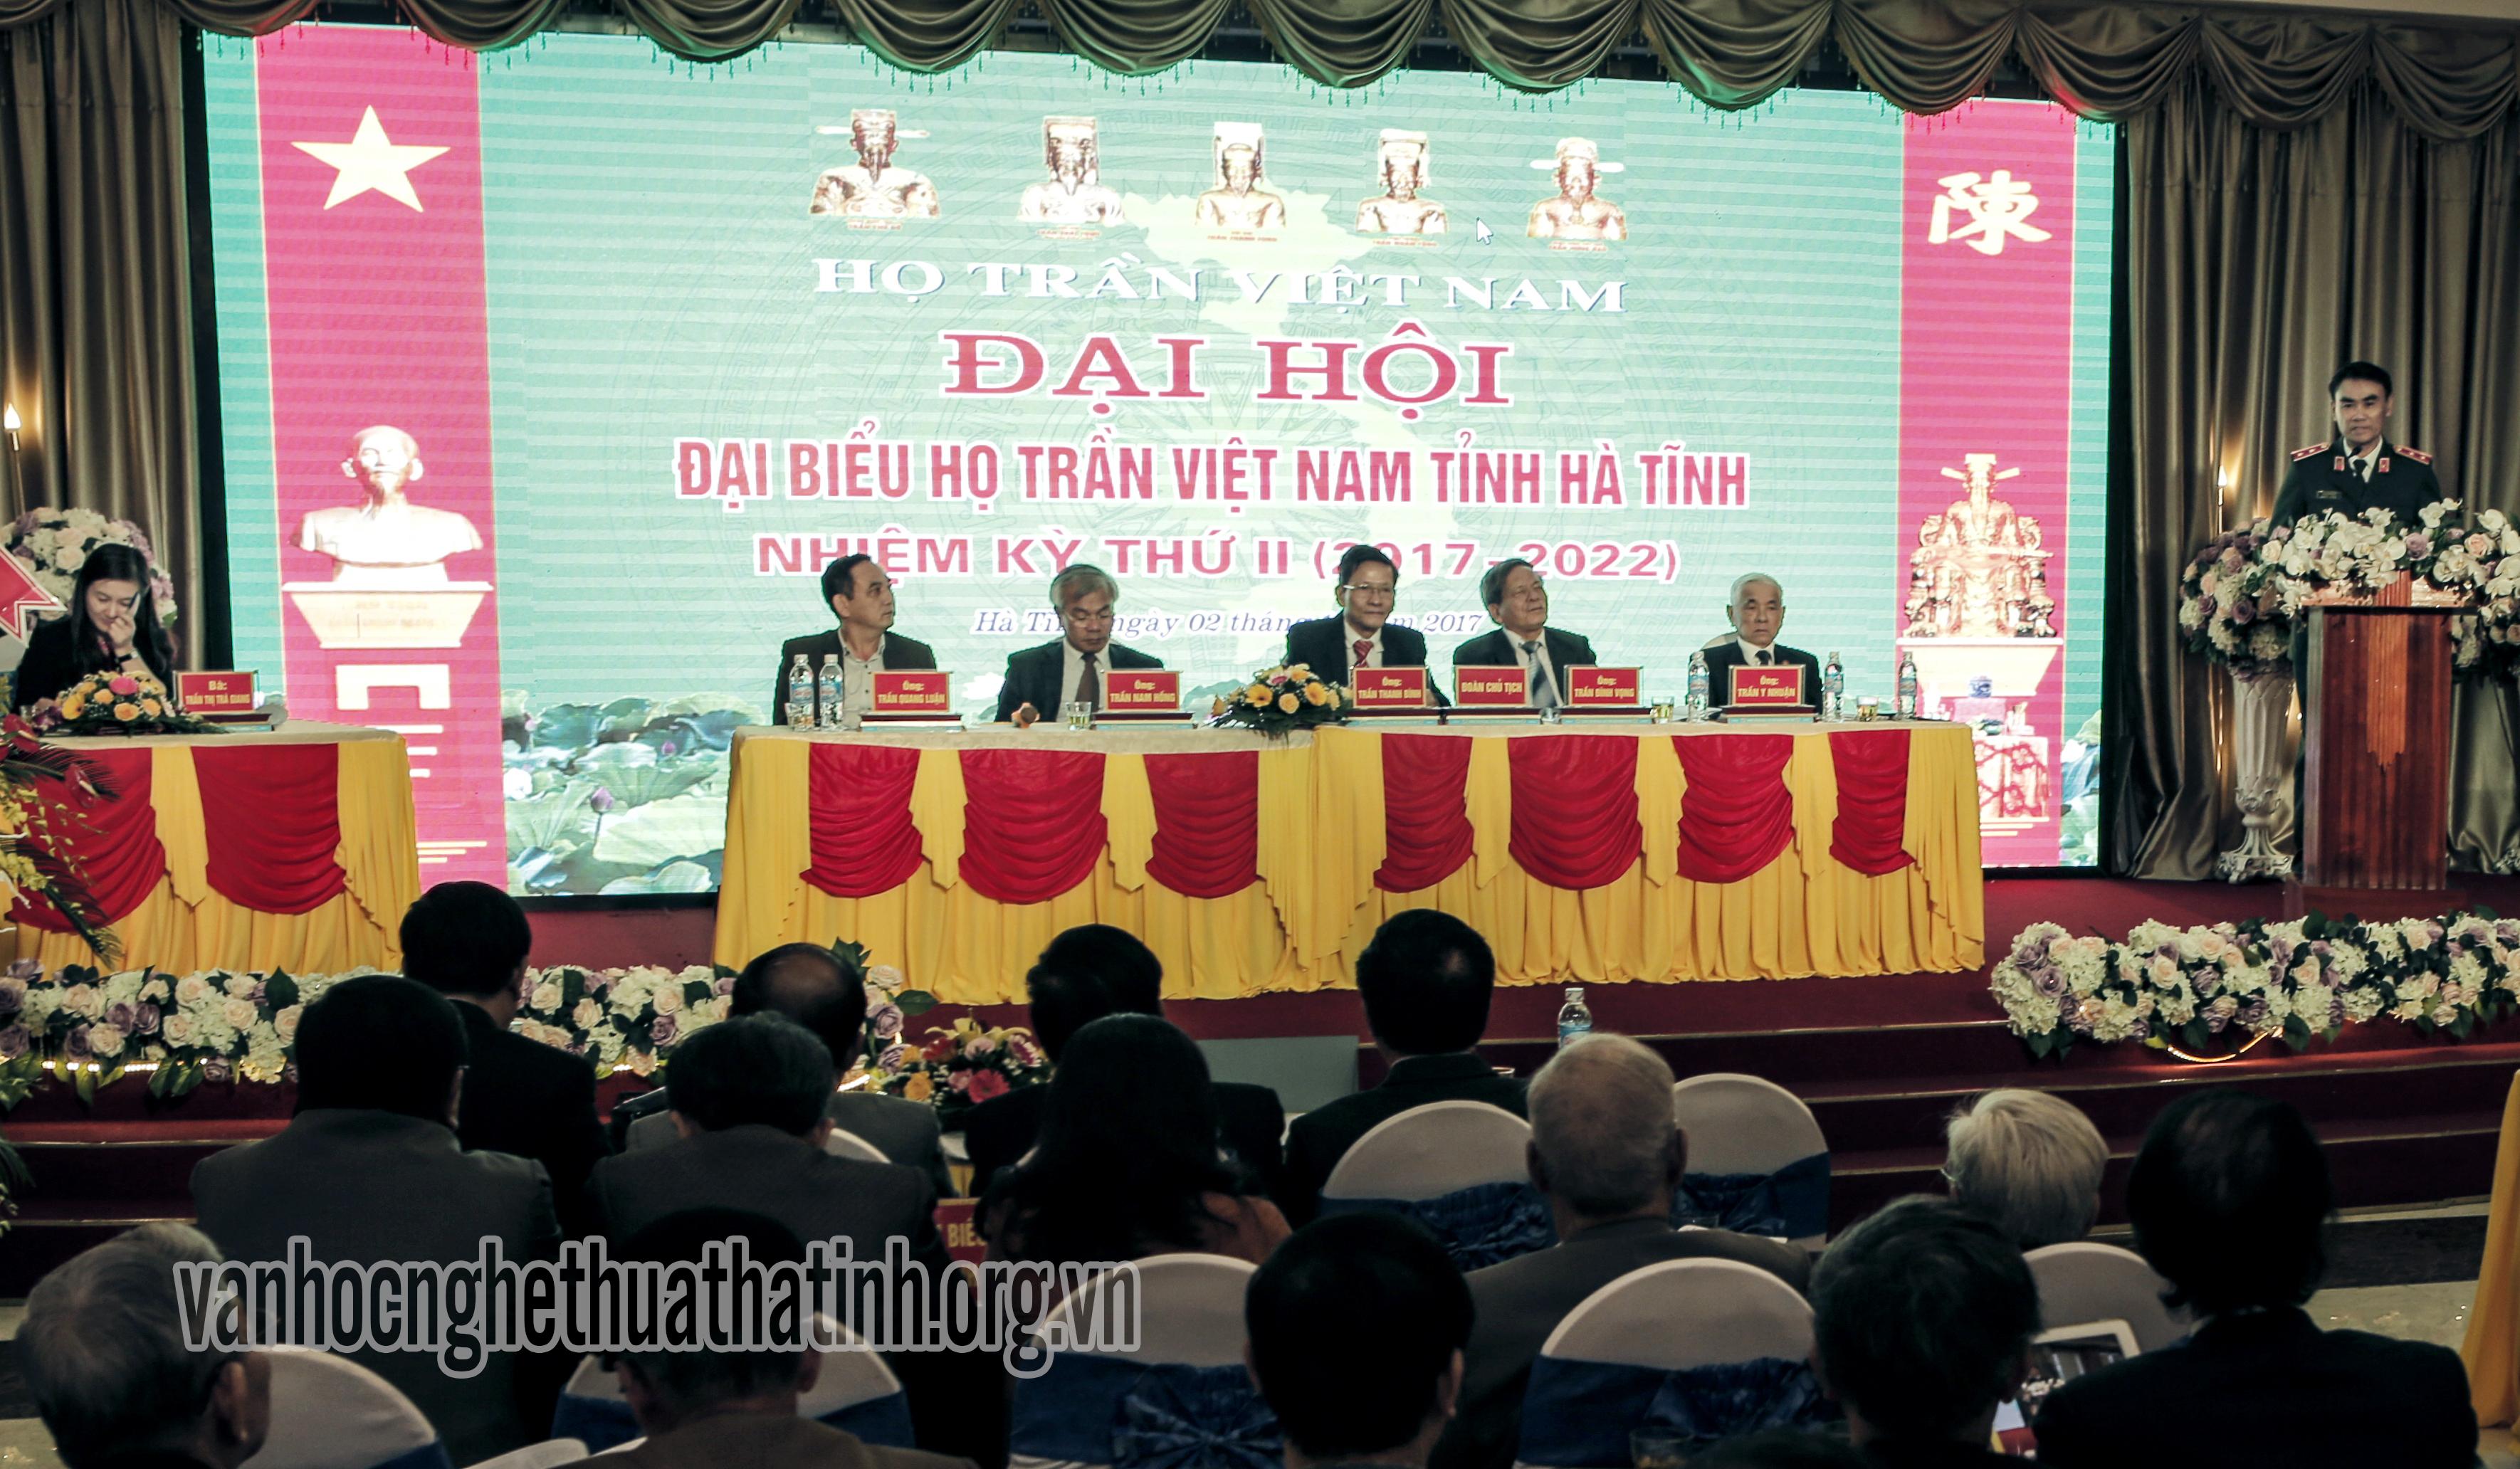 Đại hội đại biểu họ Trần tỉnh Hà Tĩnh (2017- 2022)